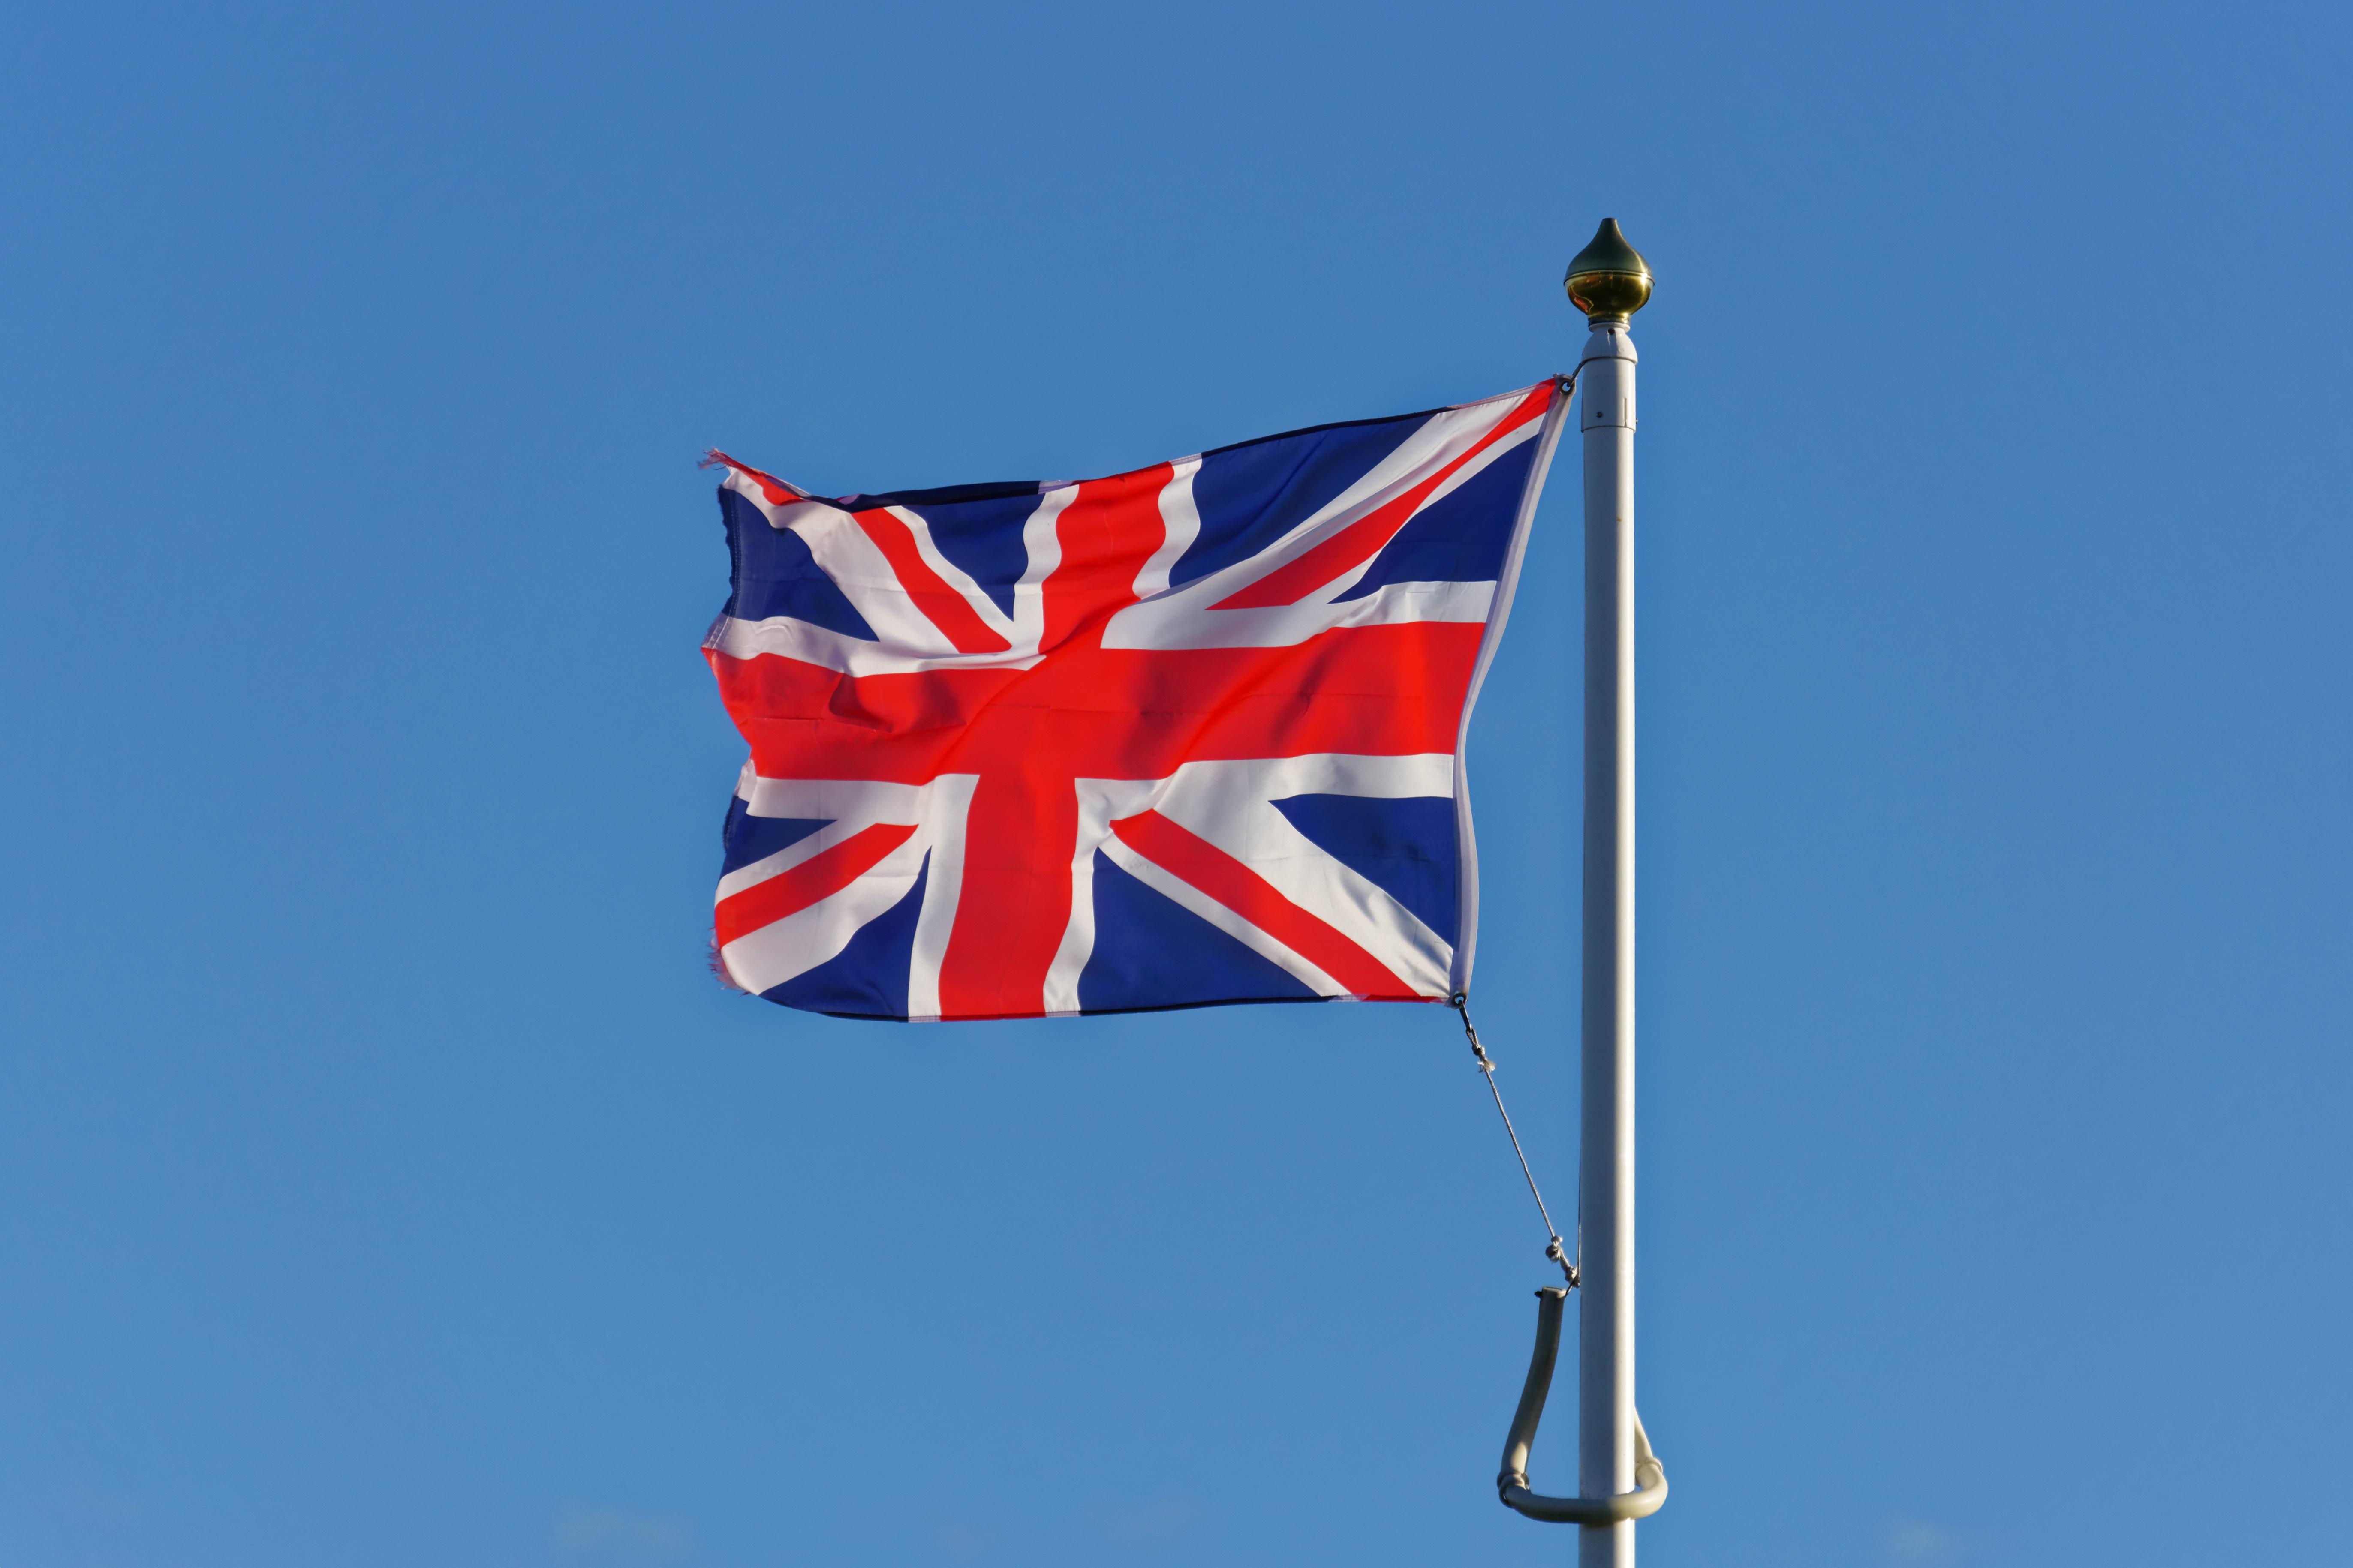 free images white wind red blue flagpole uk national